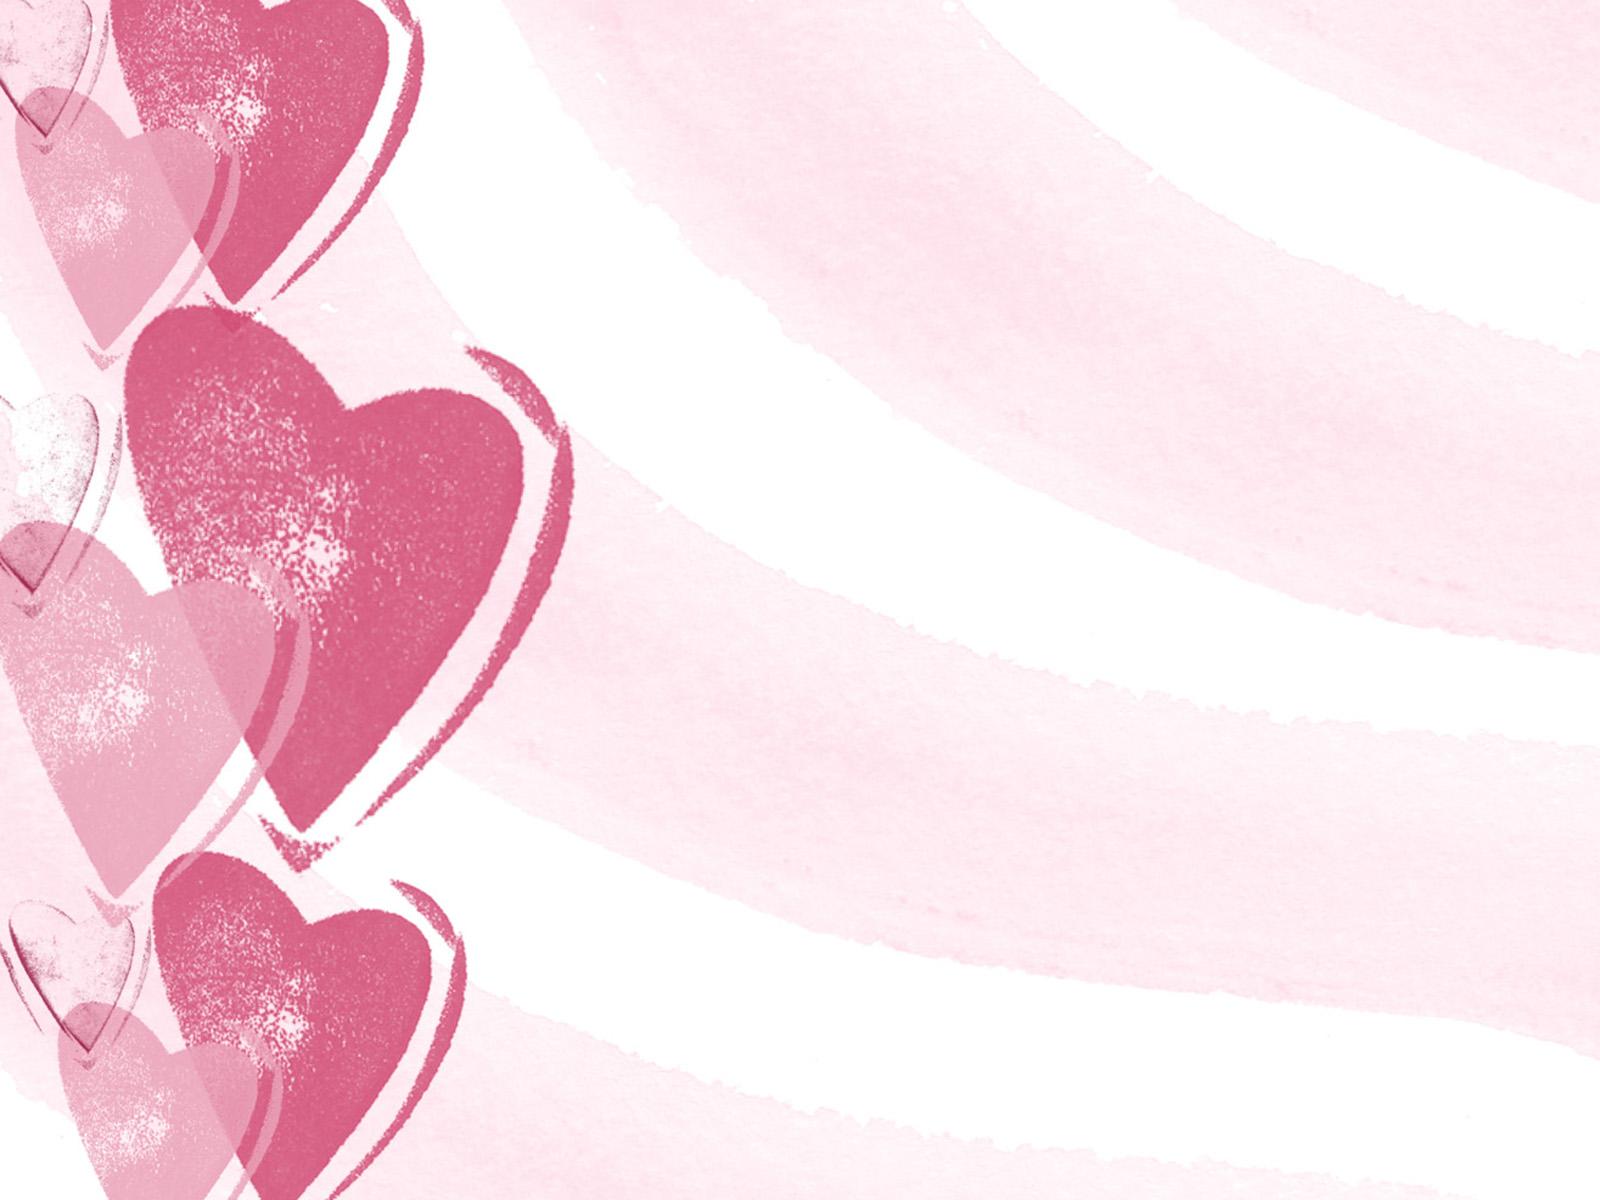 Free Girly Wallpaper - WallpaperSafari